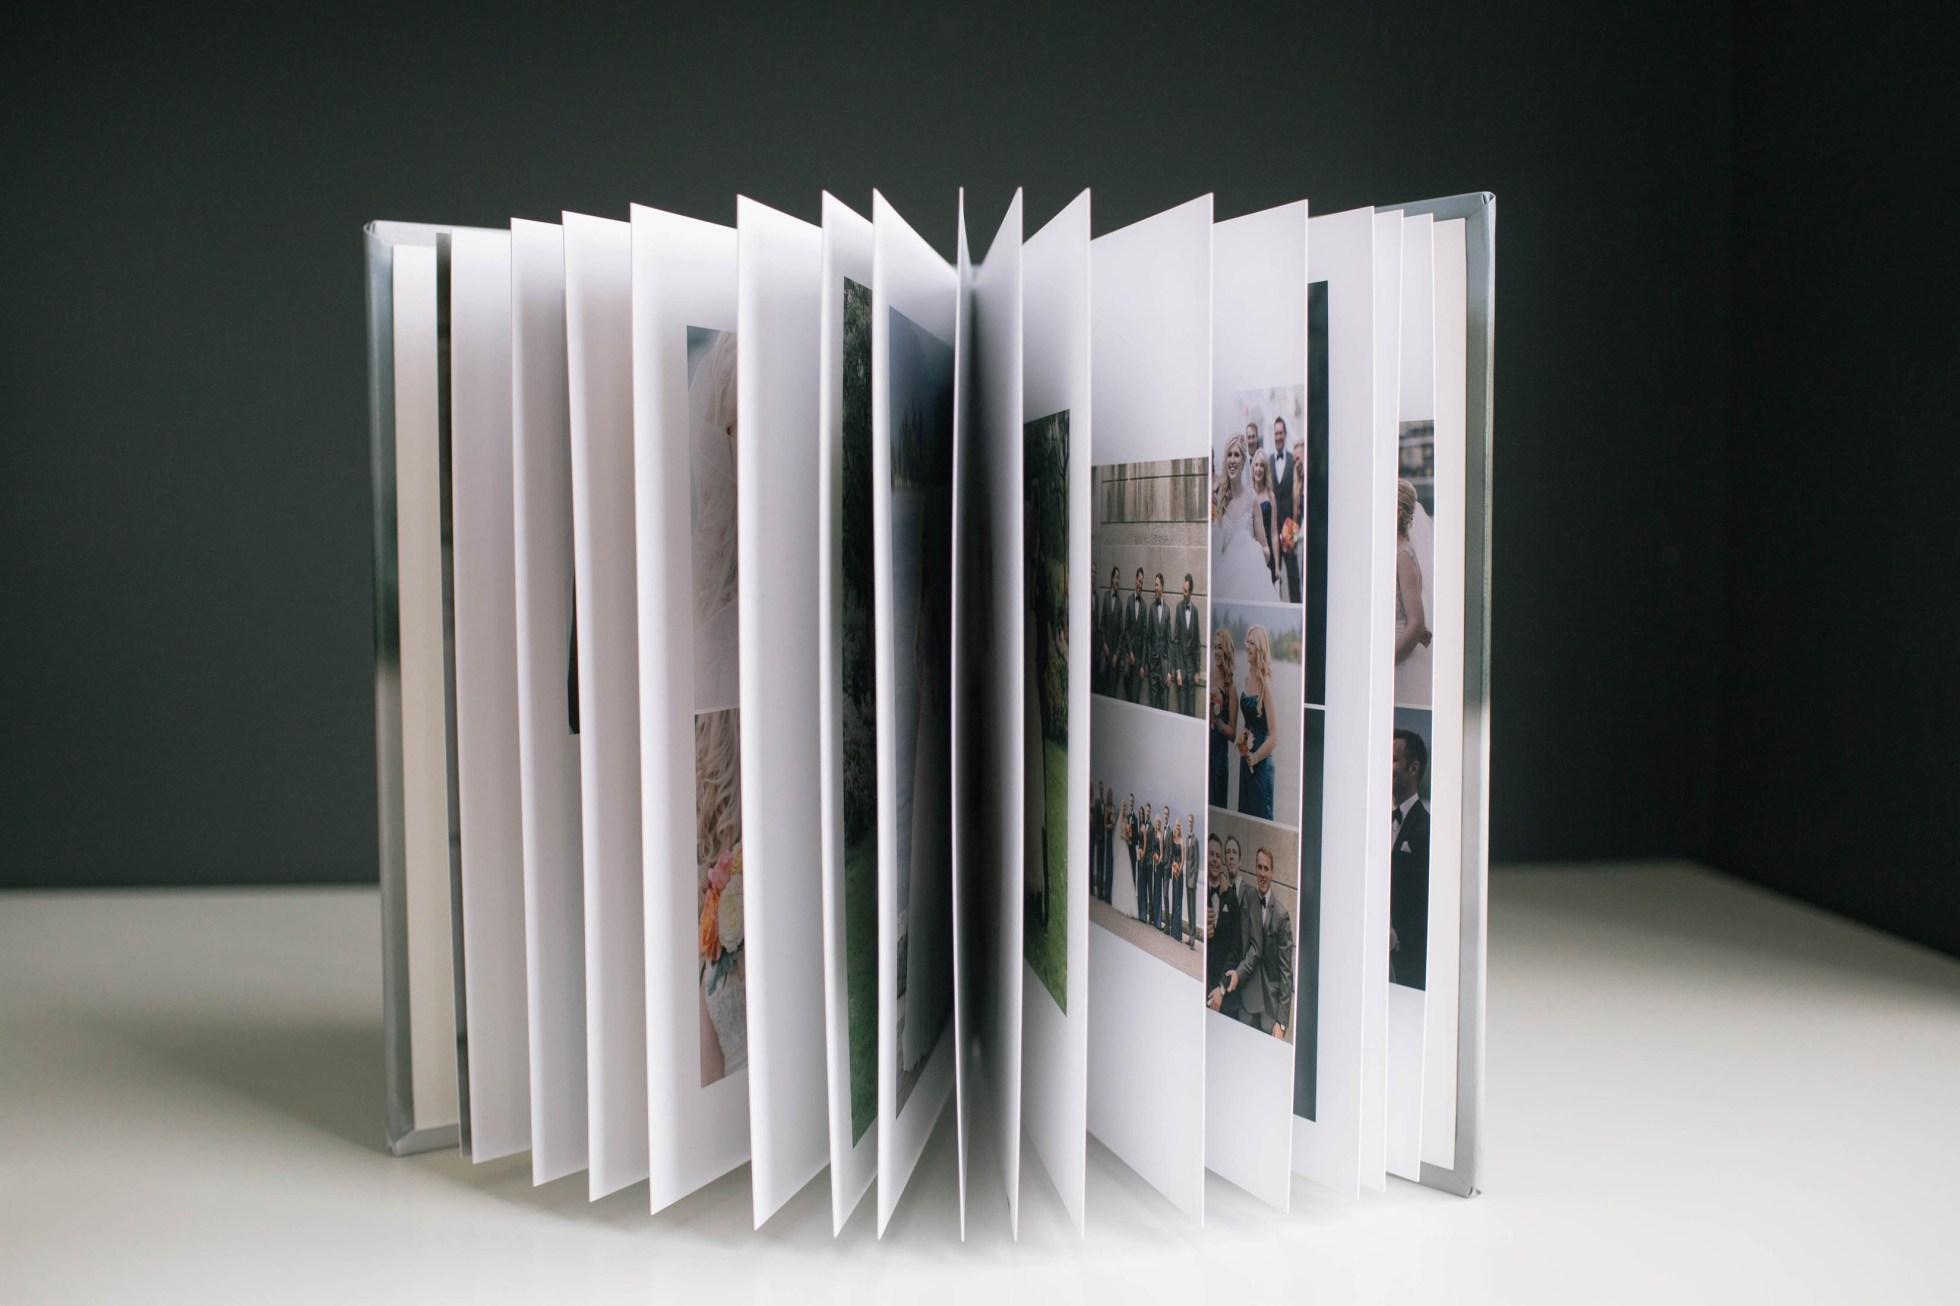 چاپ دیجیتال آلبوم عکس